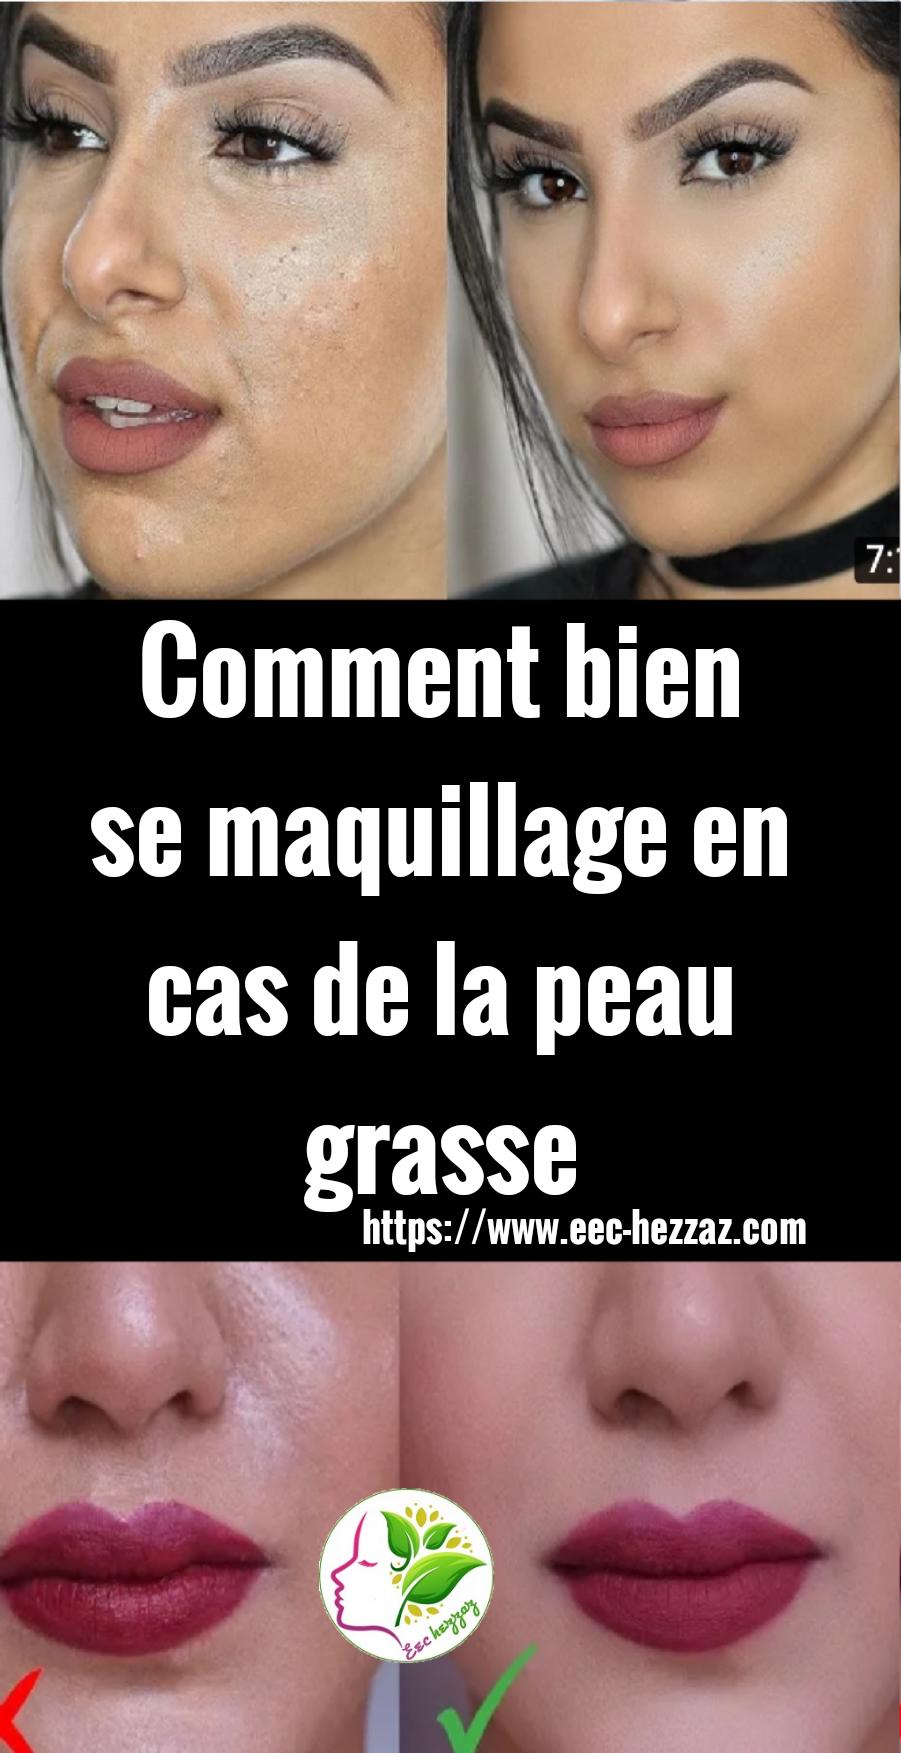 Comment bien se maquillage en cas de la peau grasse